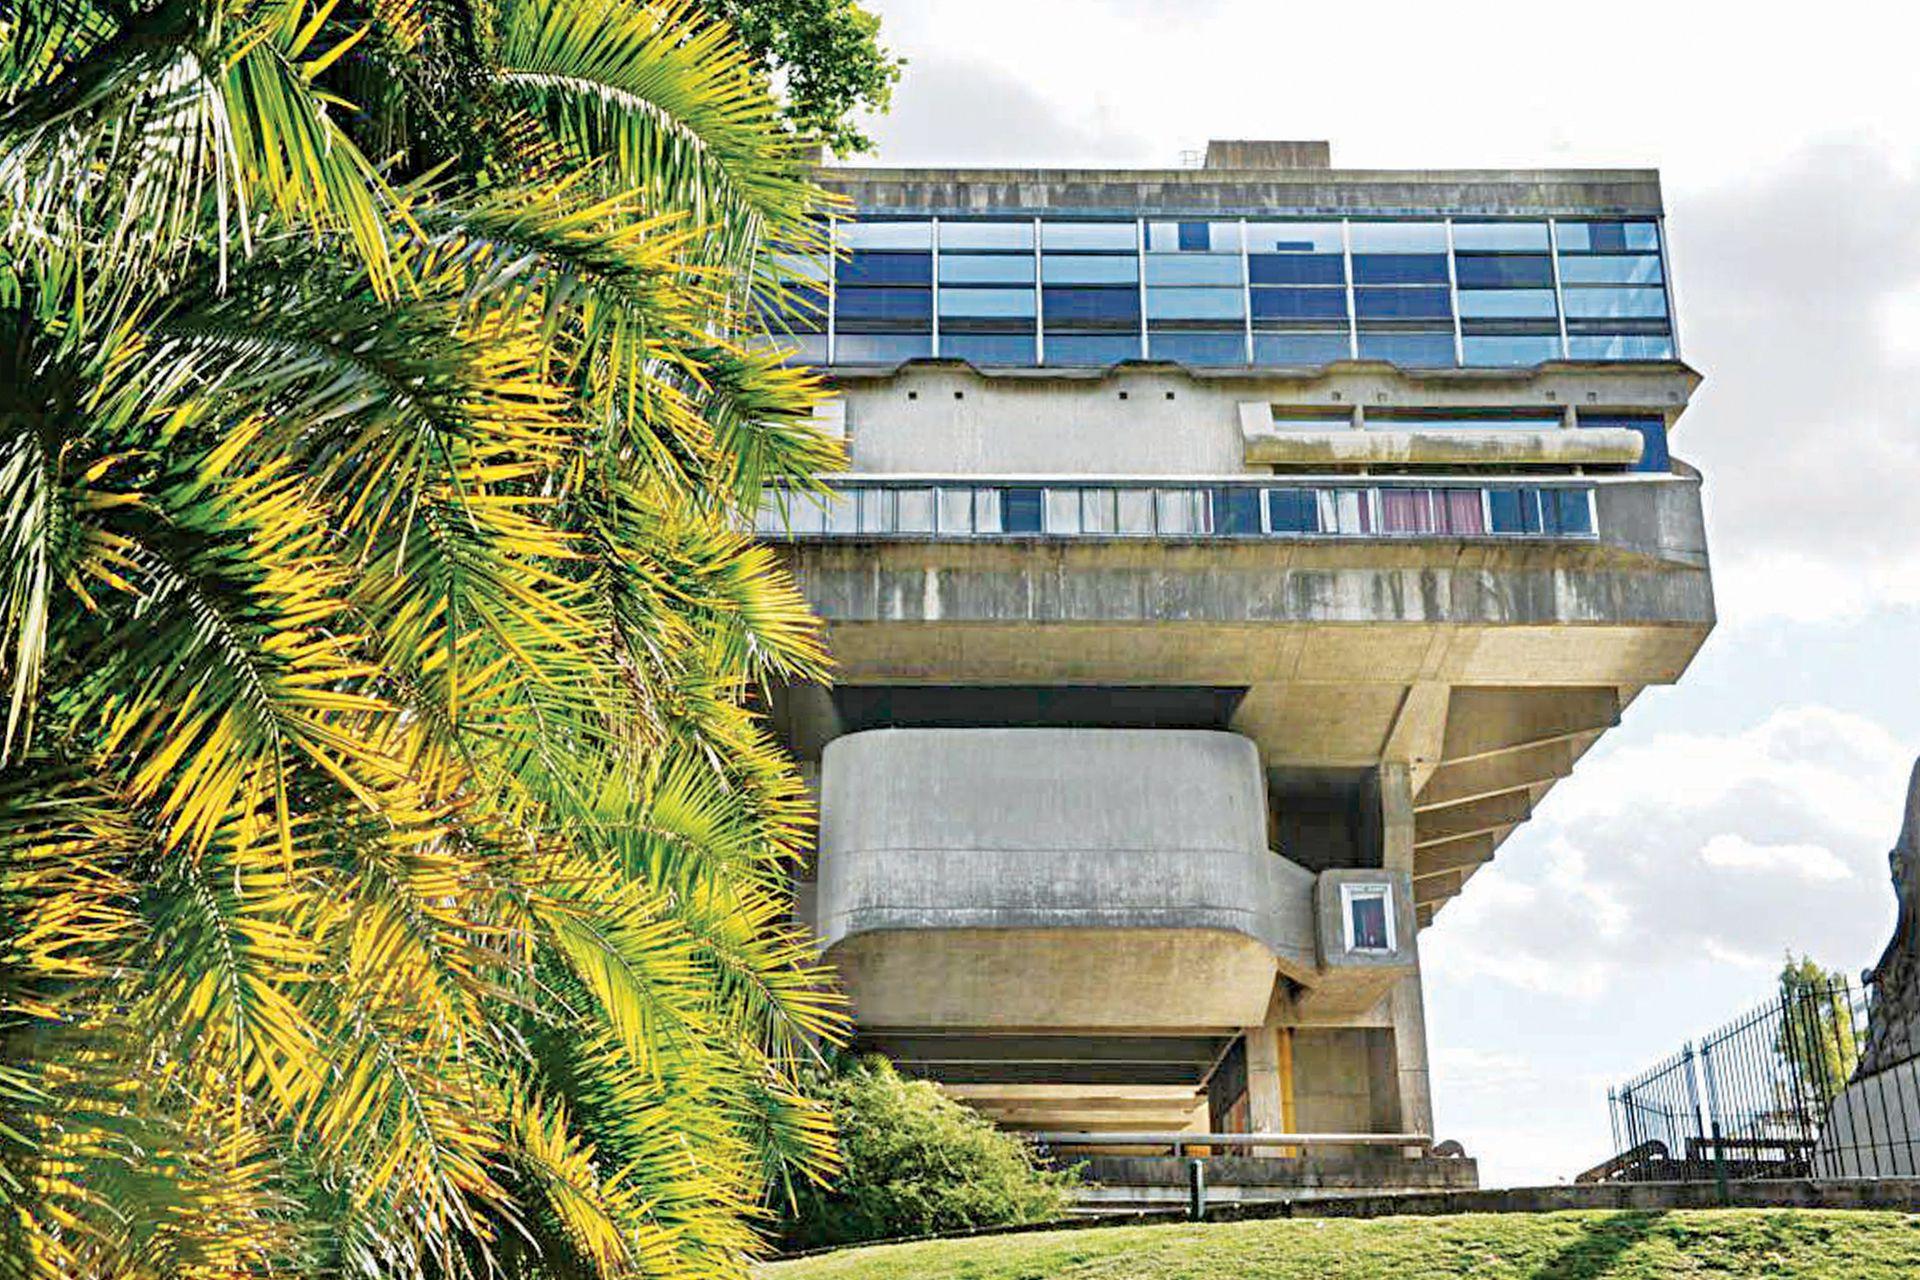 La Biblioteca Nacional, un hito del patrimonio arquitectónico porteño